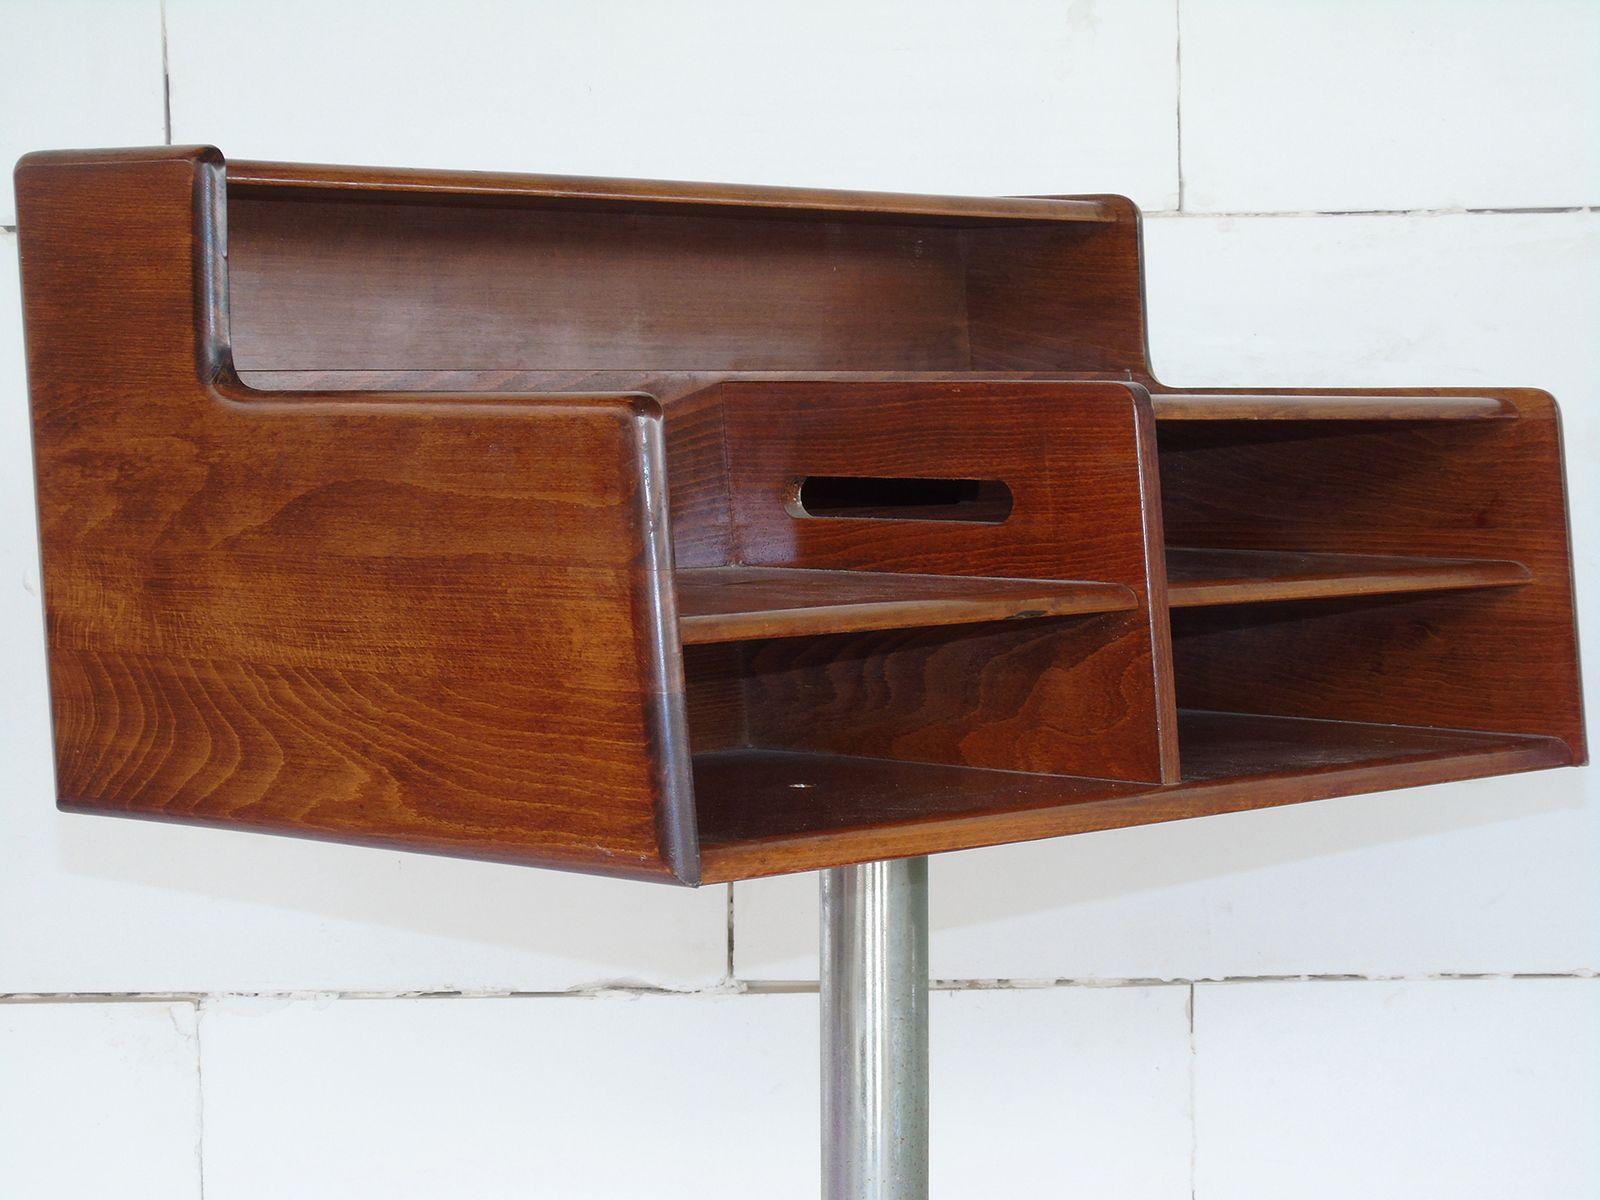 Bureau en acier et bois de fimsa italie s en vente sur pamono